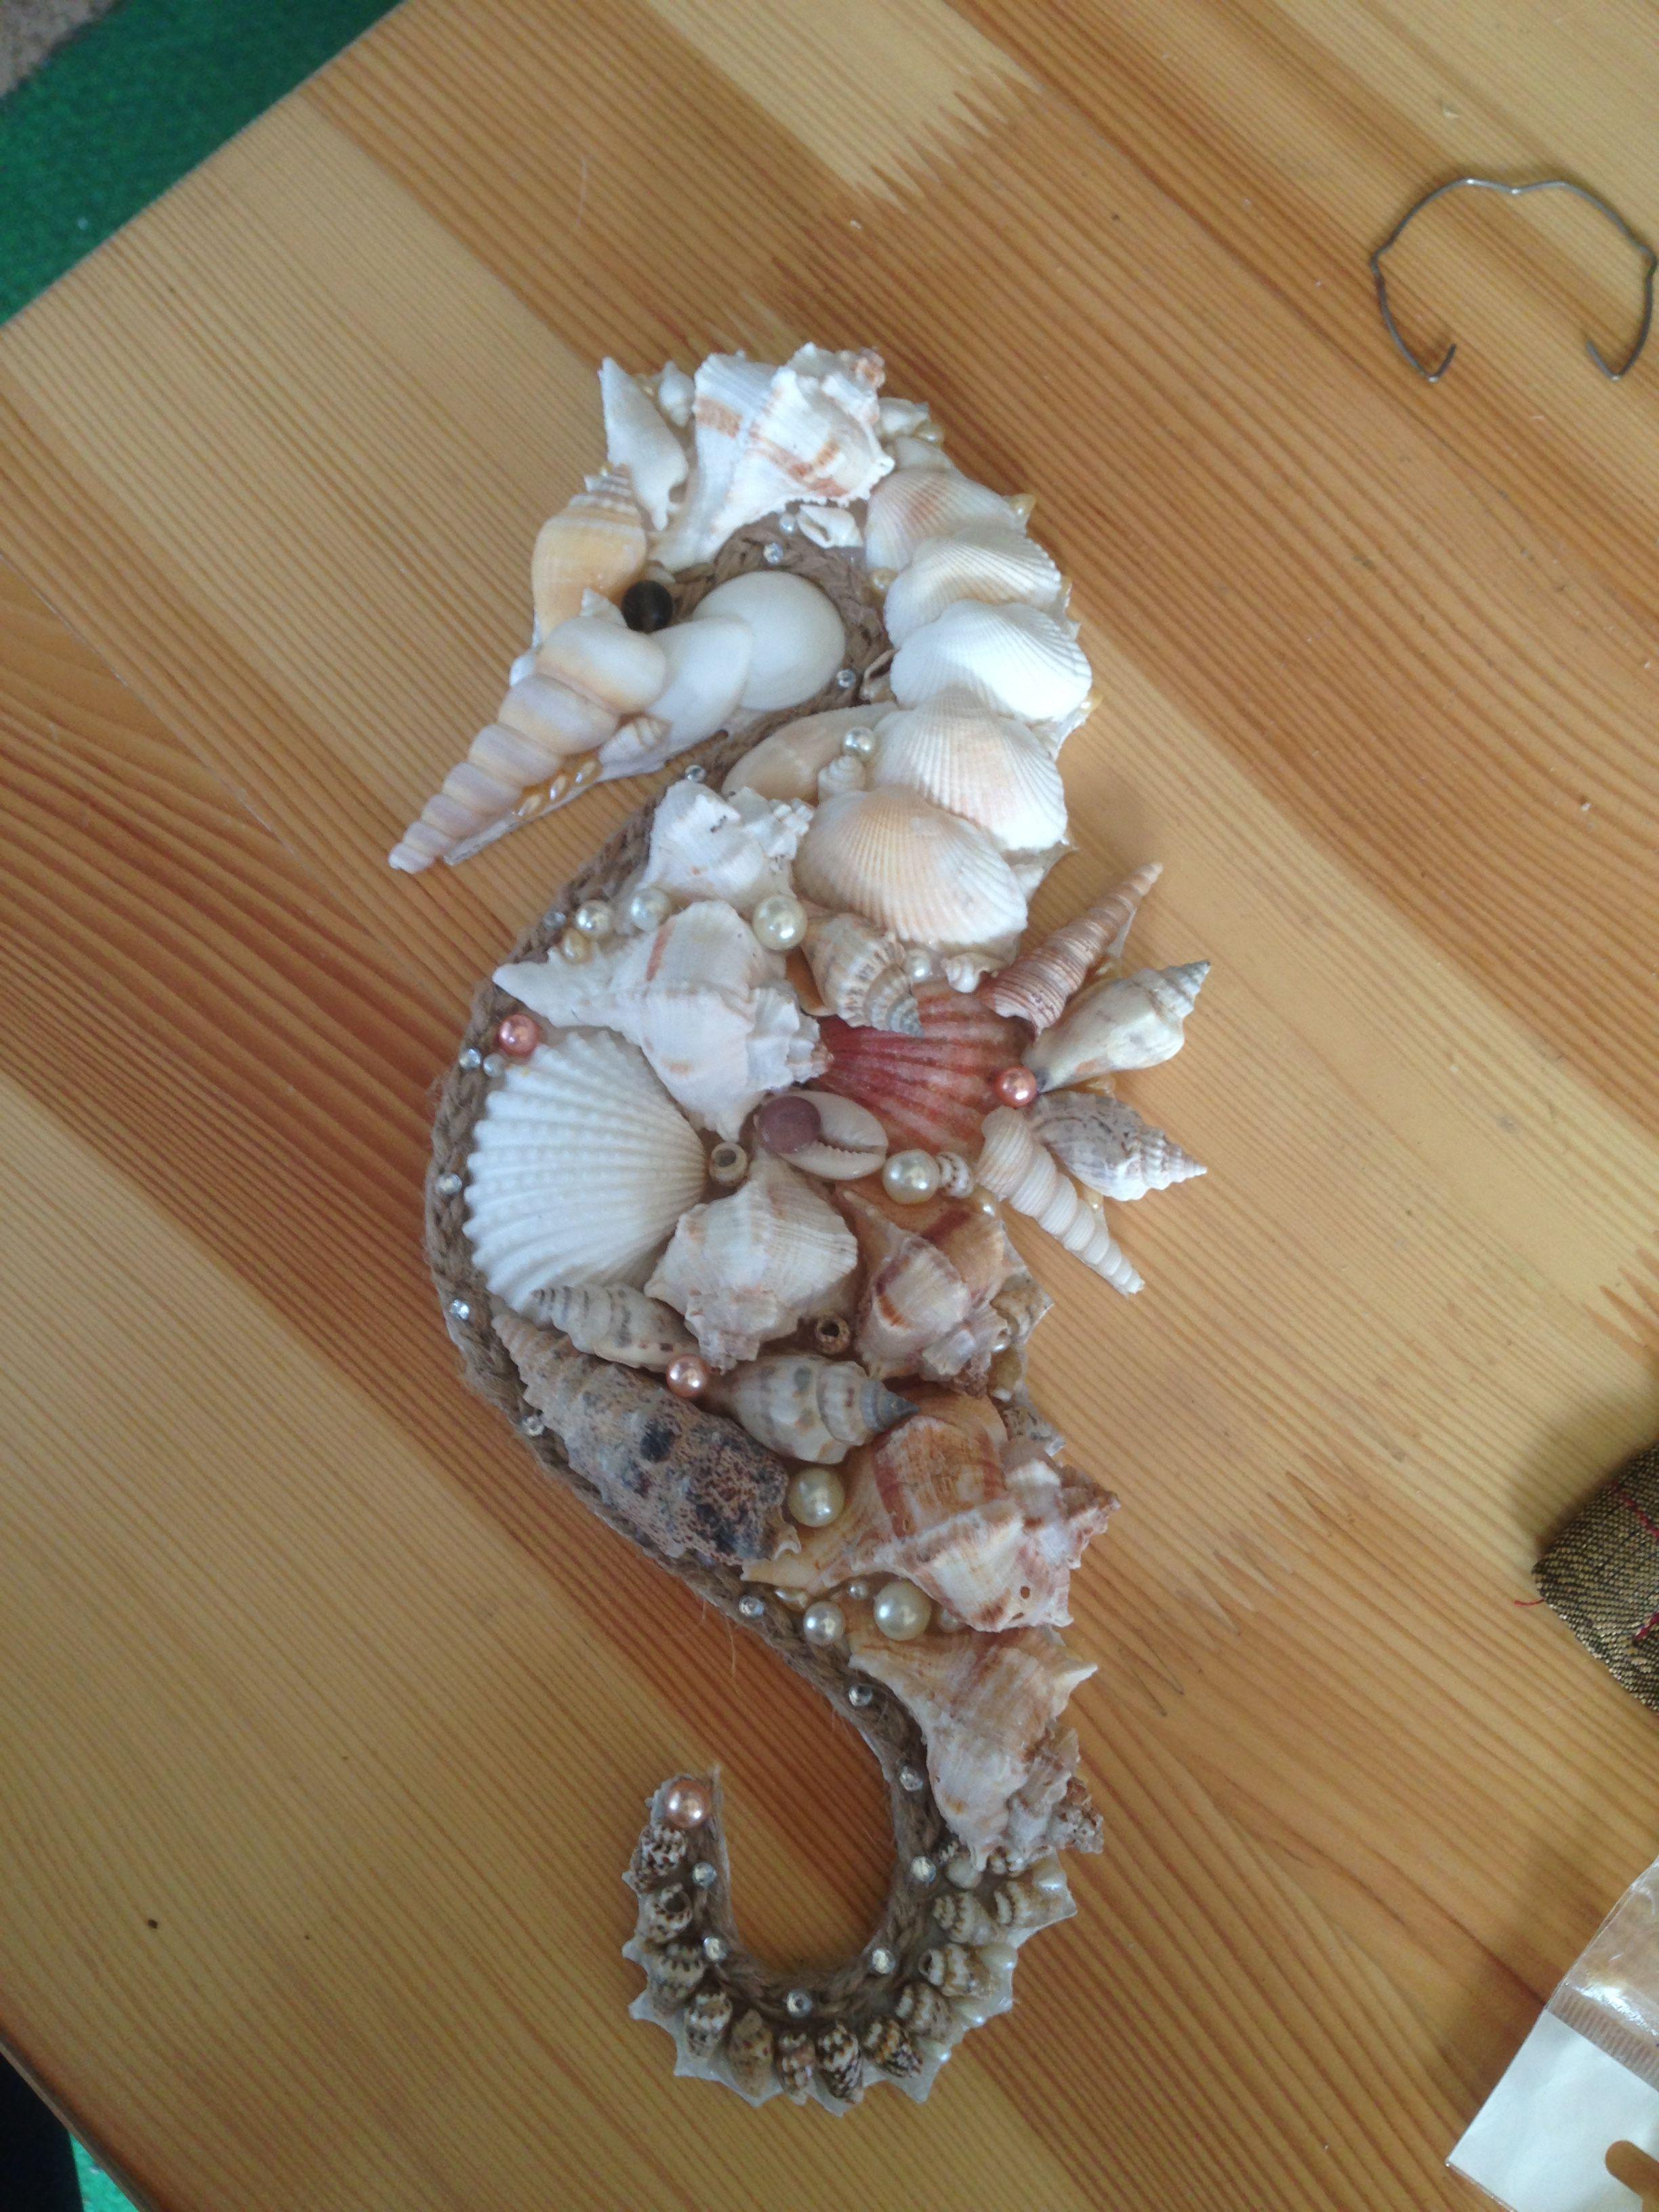 Muscheln# Seepferdchen# Badezimmer# Deko  Muschel-basteleien